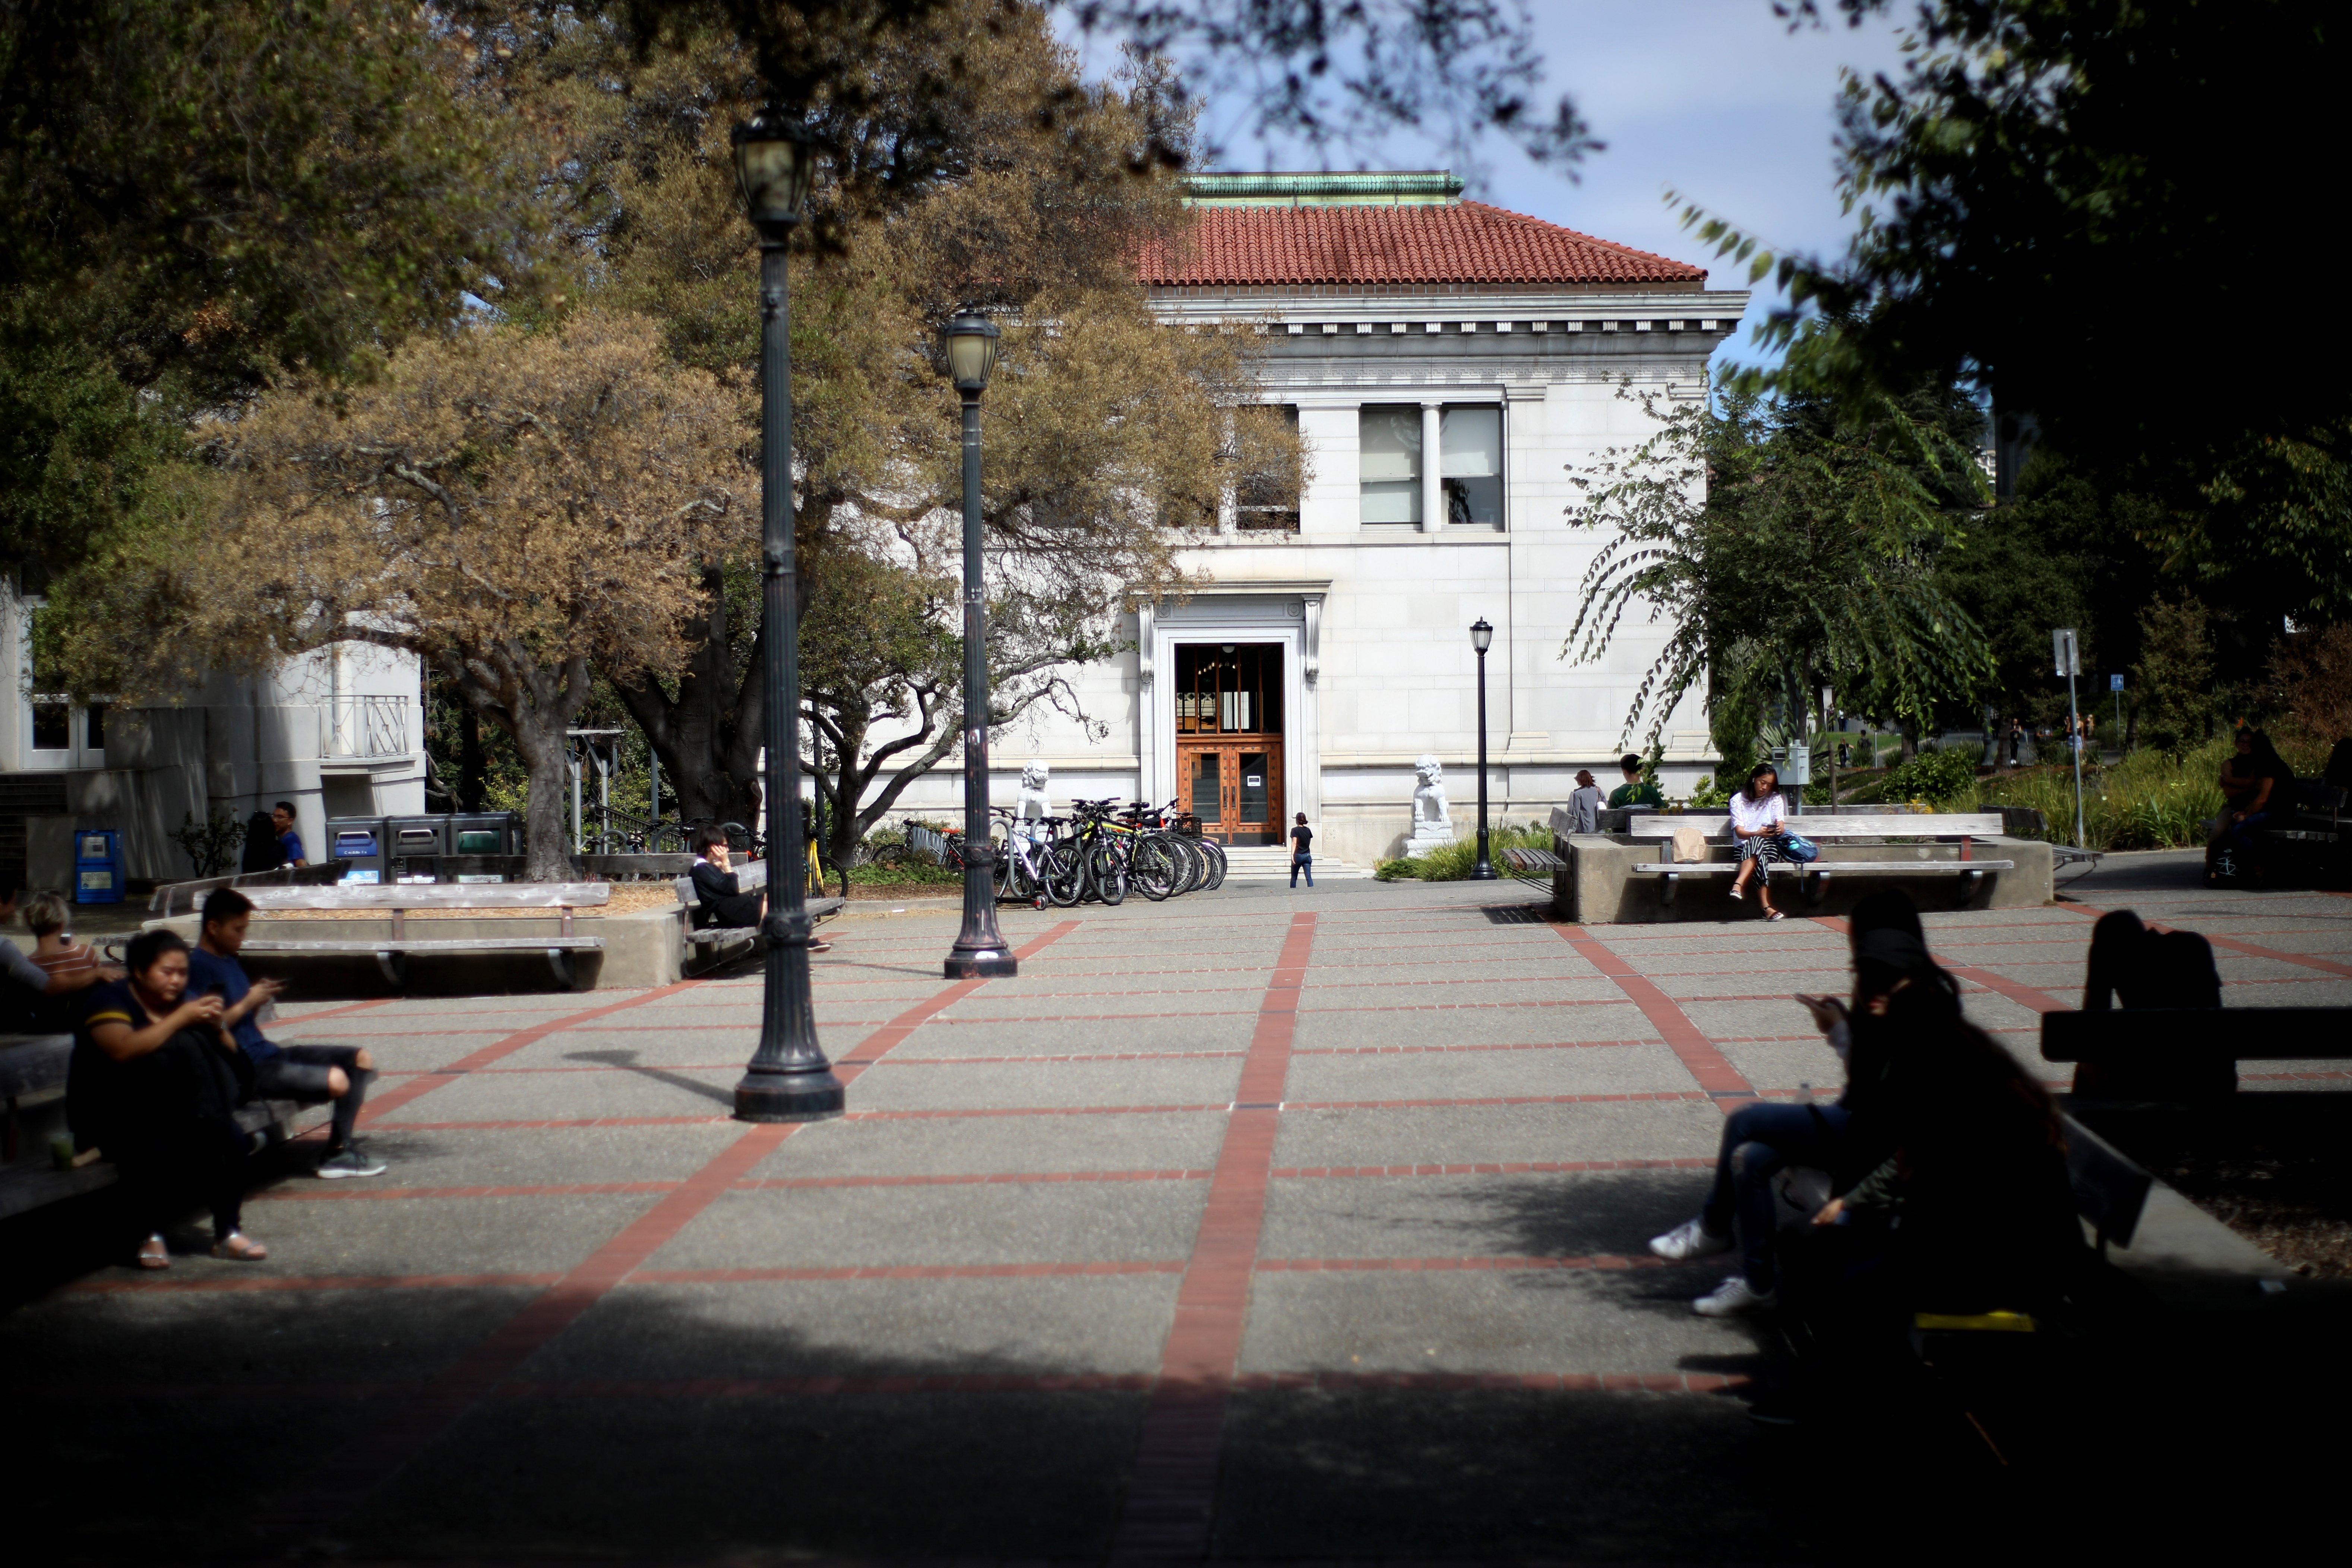 Coronavirus: Bay Area Colleges Suspend In Person Classes Throughout Santa Clara University Spring Break